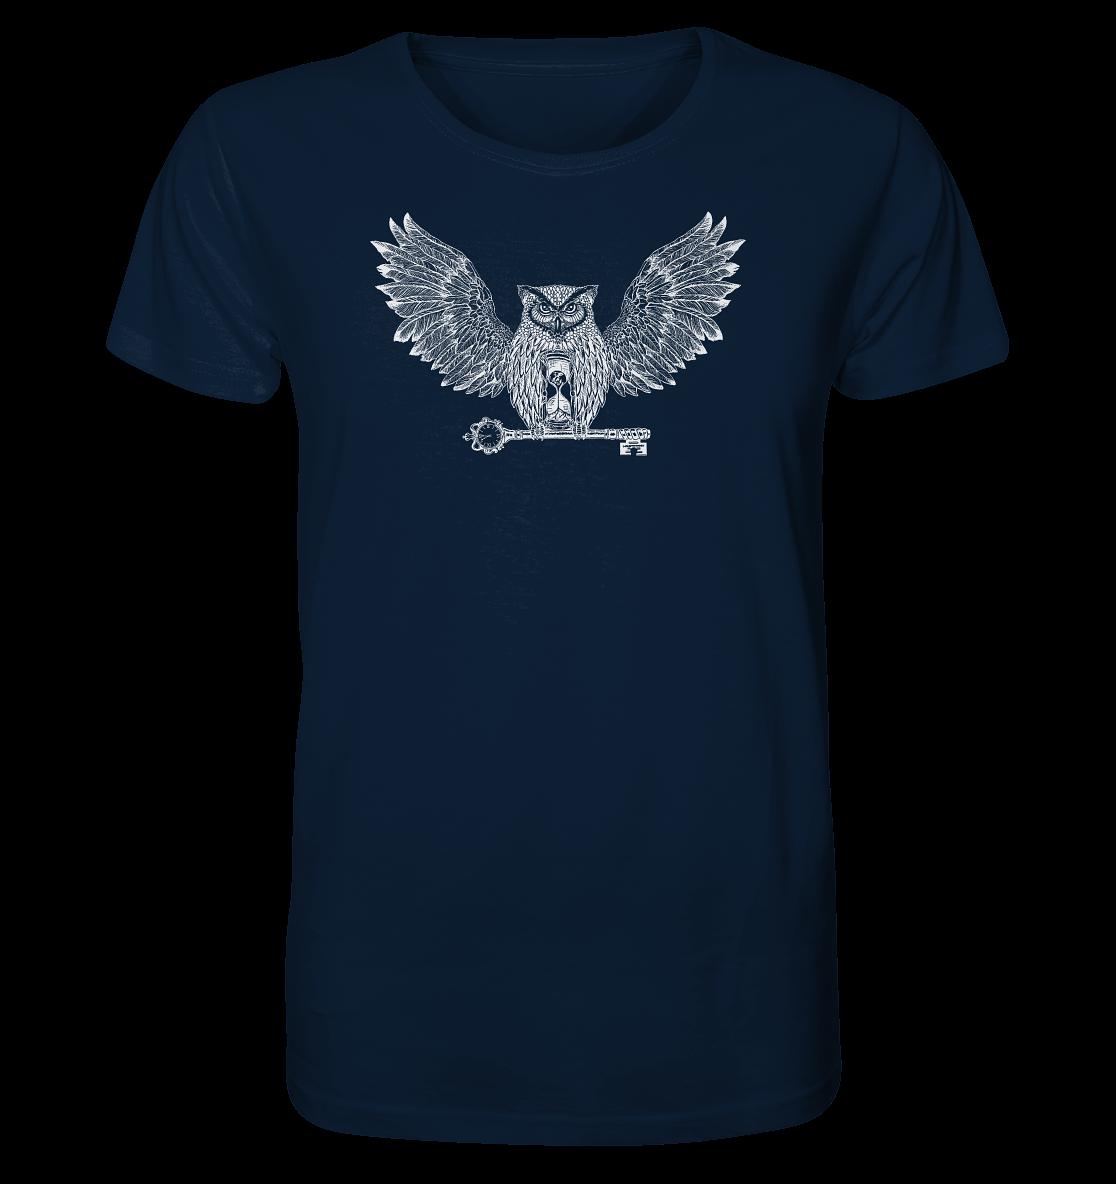 front-organic-shirt-0e2035-1116x-4.png